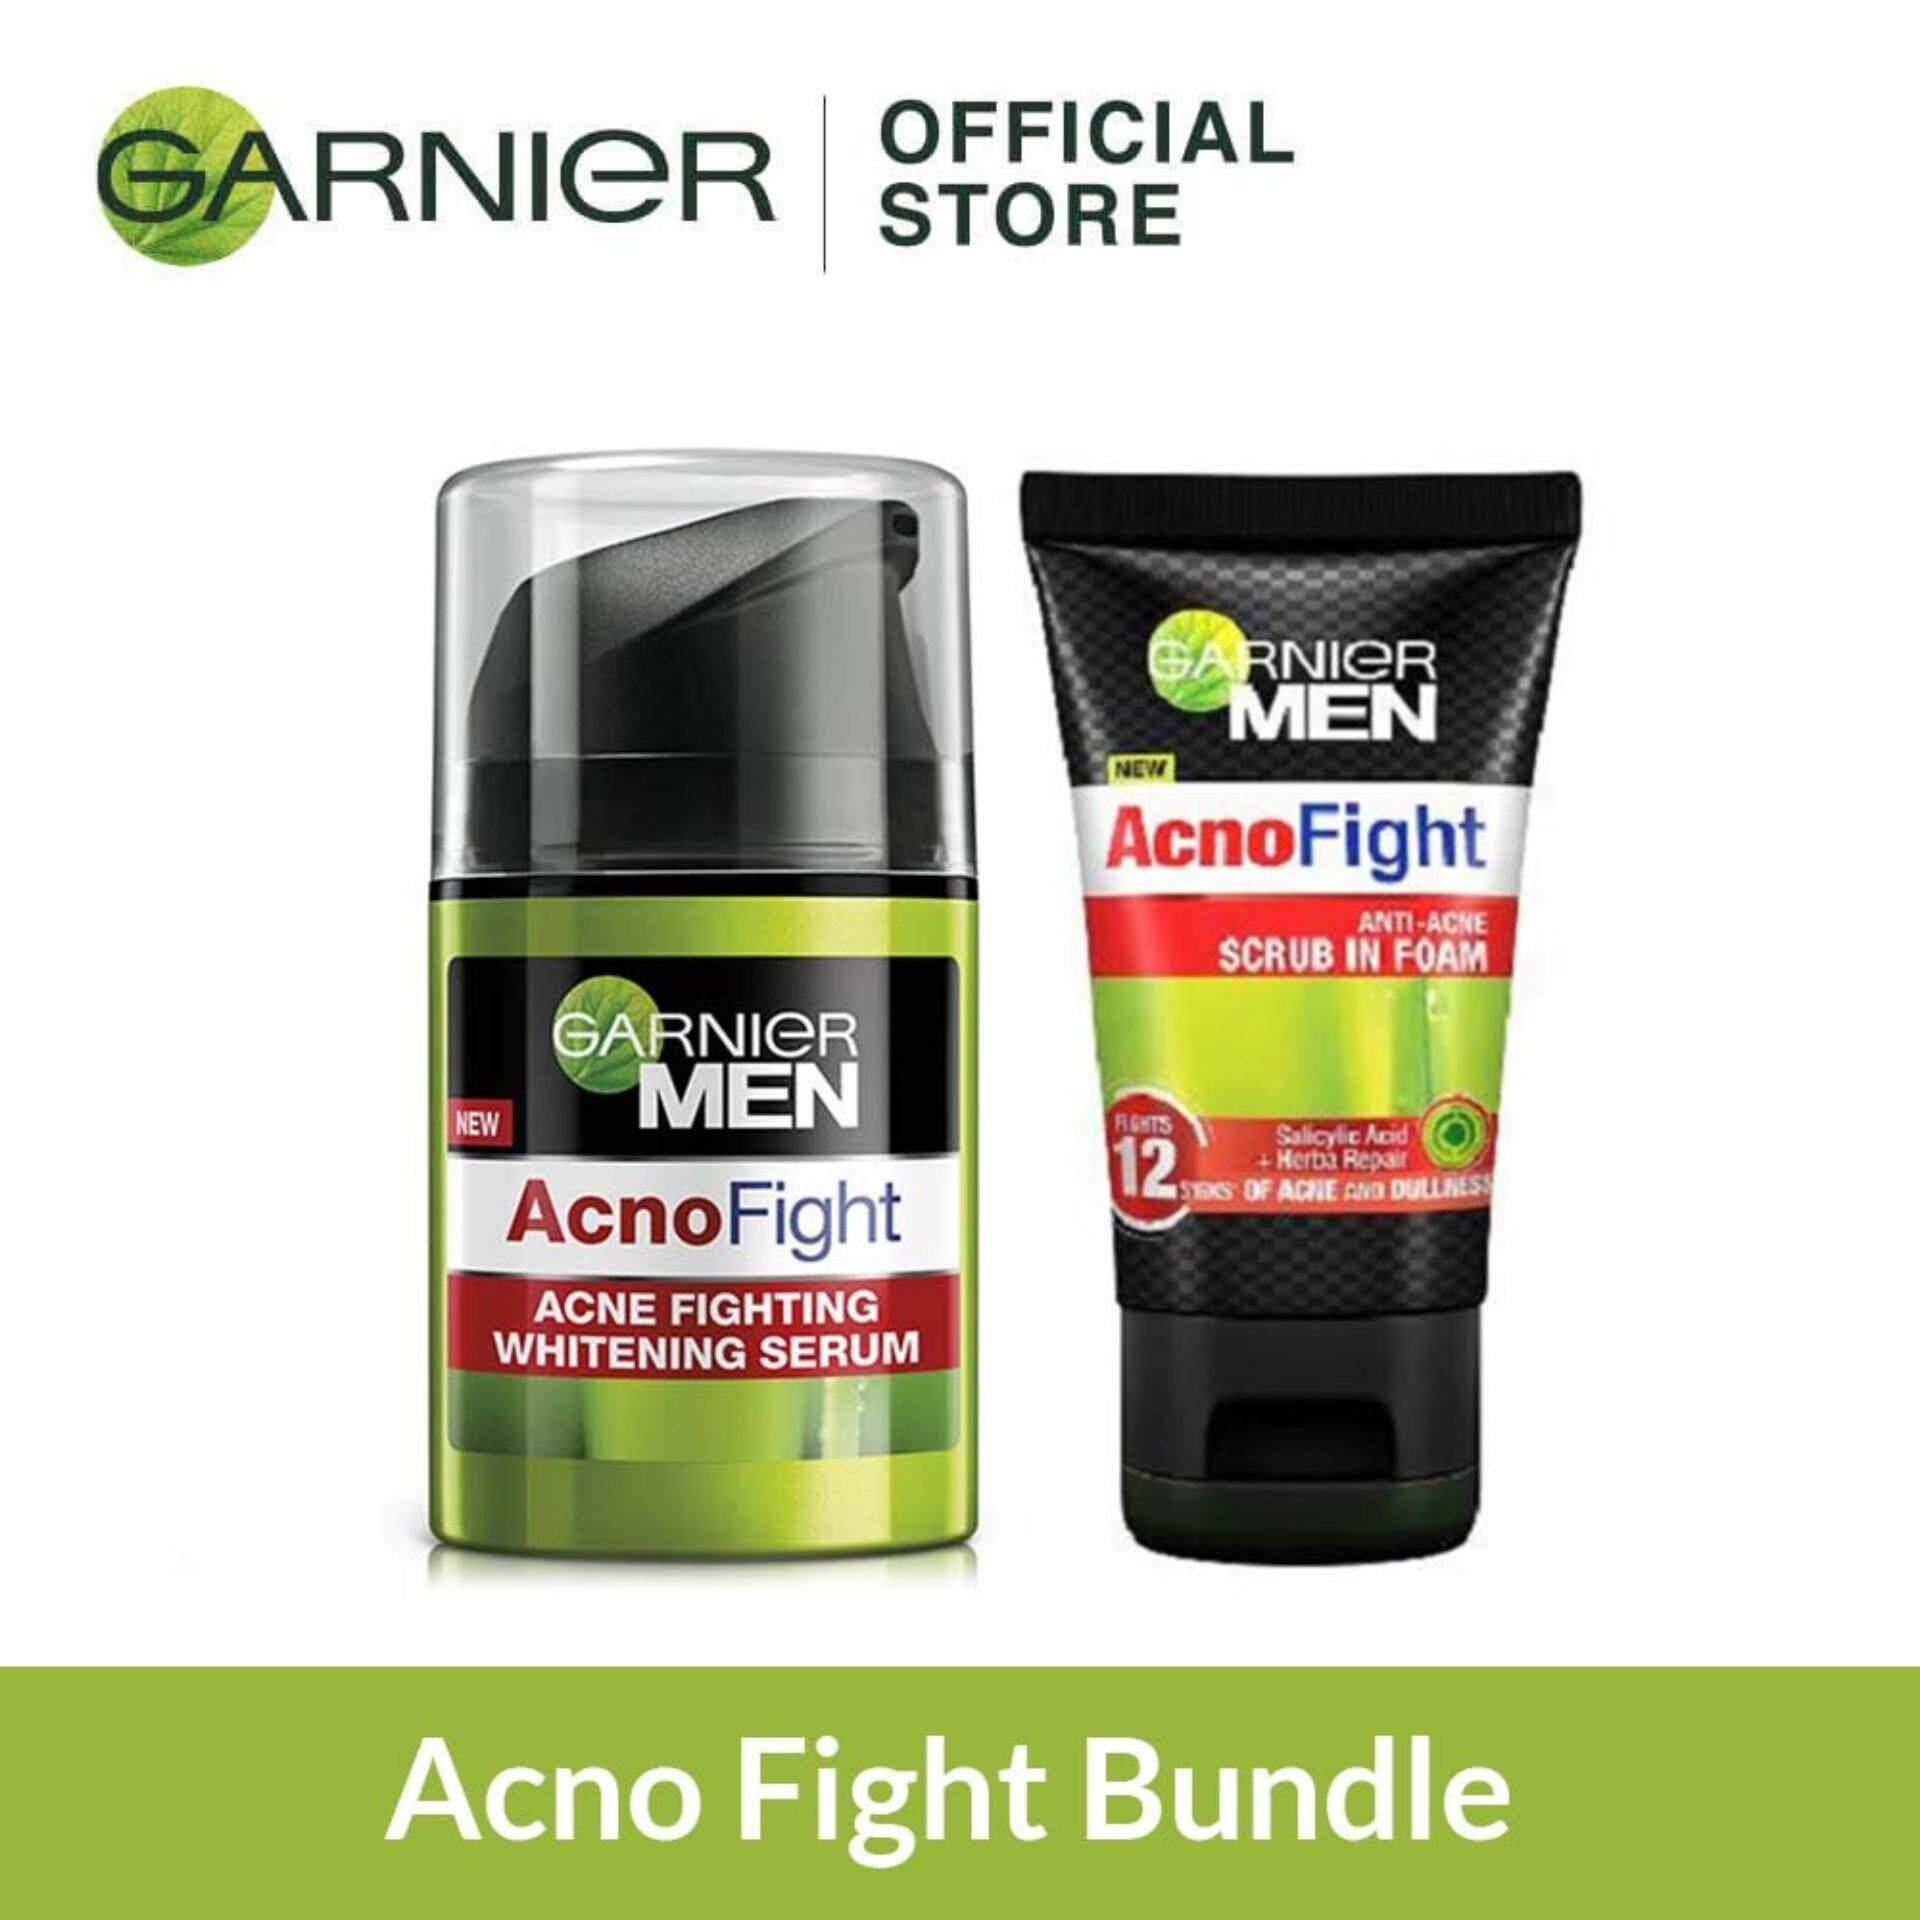 Garnier Men Acno Fight Bundle By Garnier Malaysia.